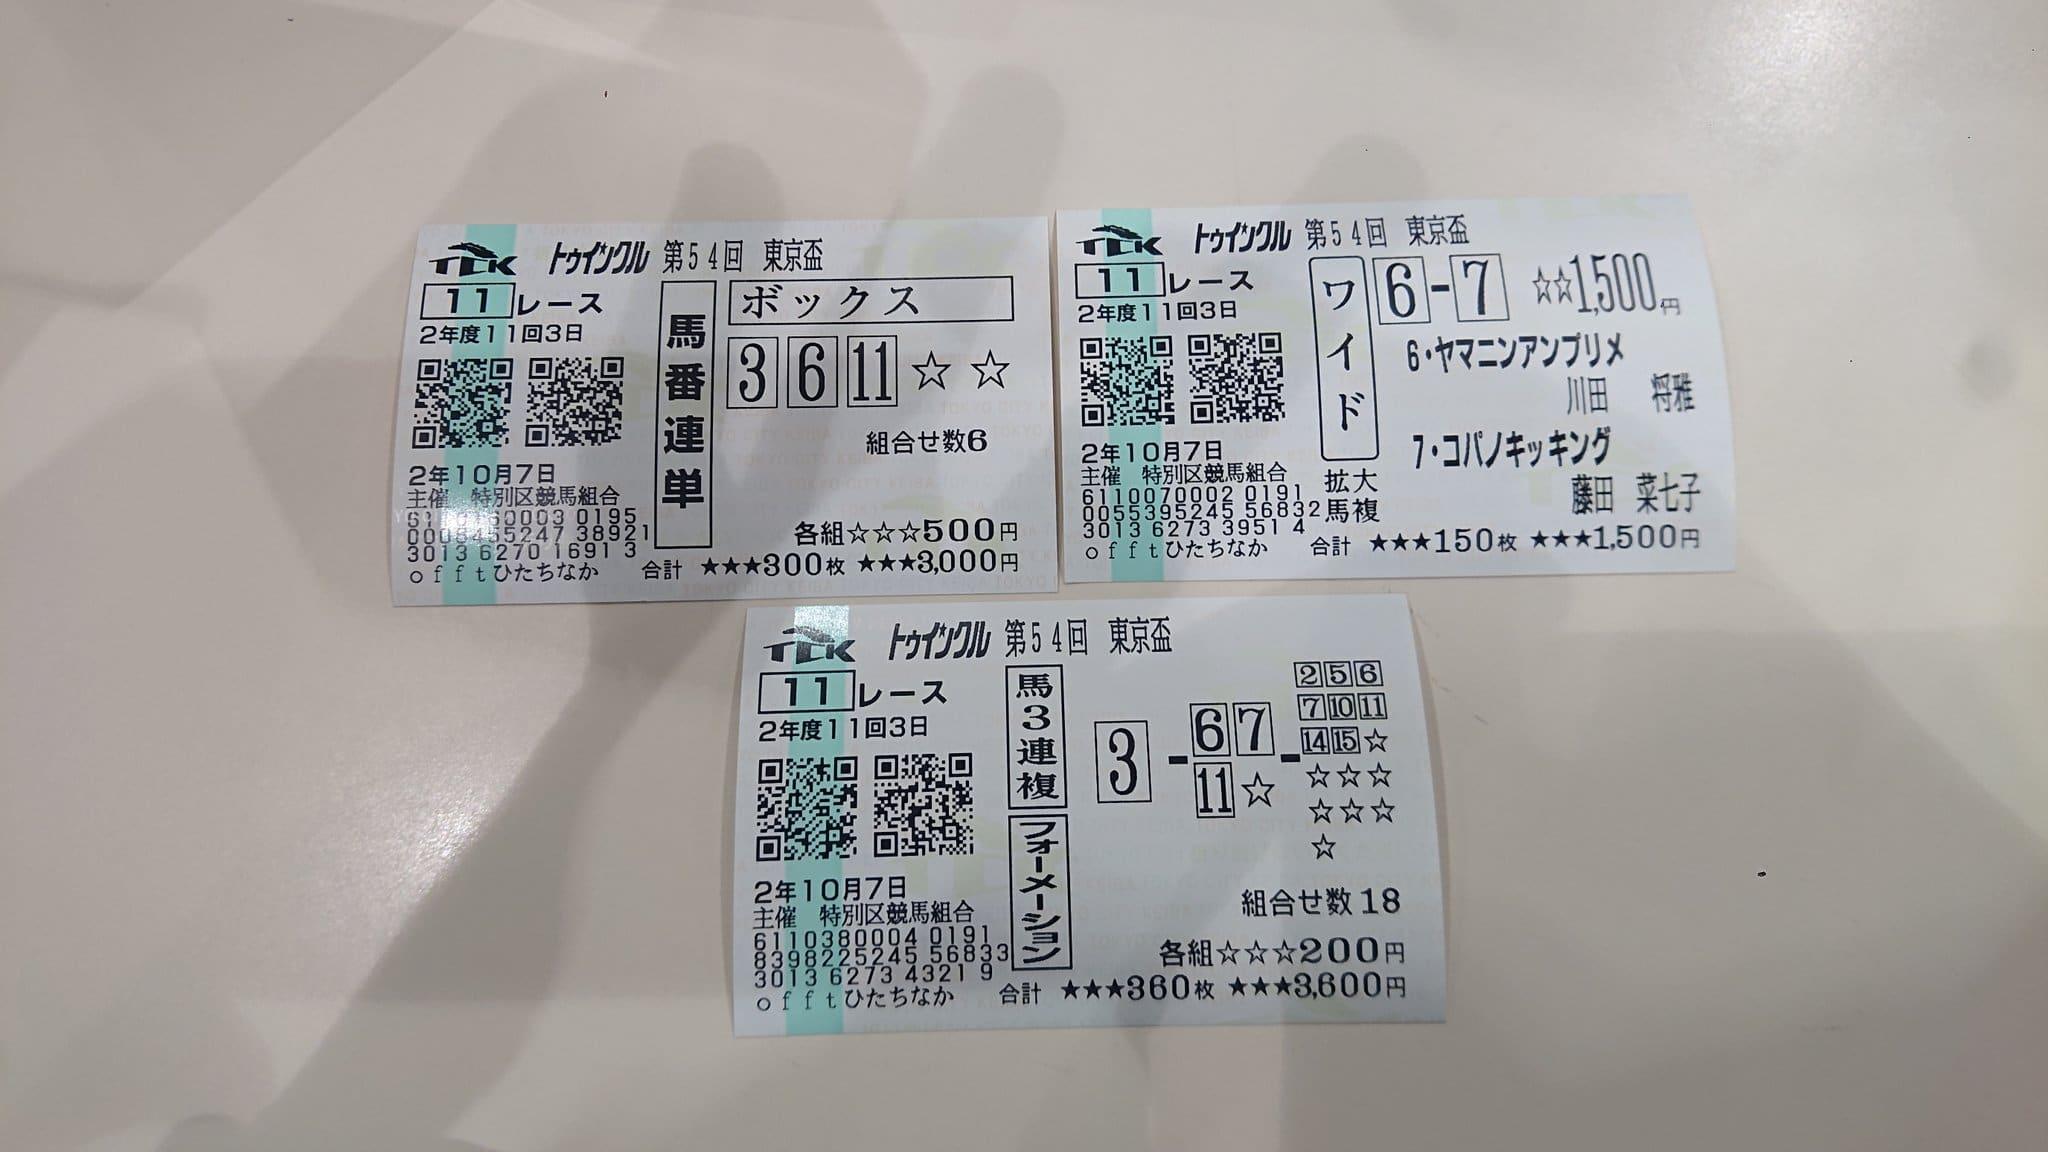 大井競馬 東京盃